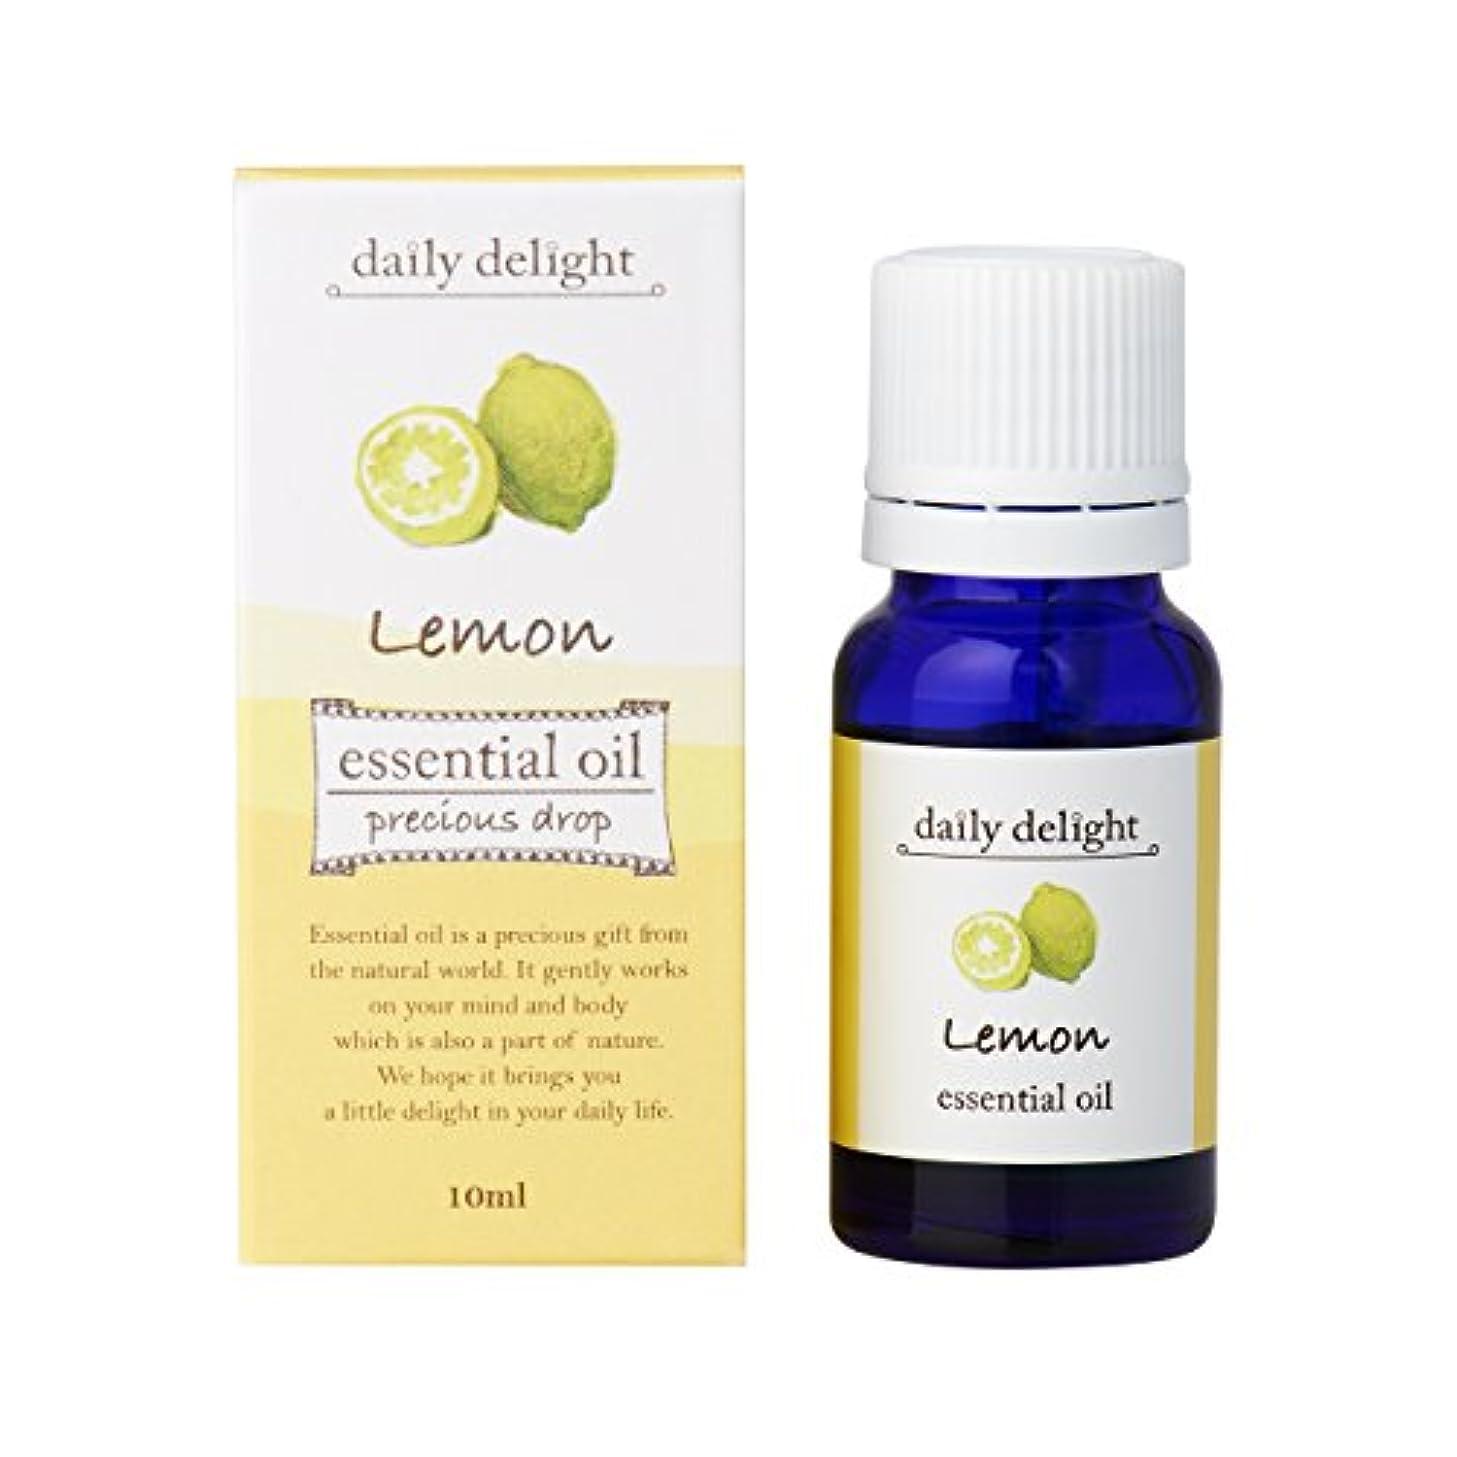 安定した山岳明示的にデイリーディライト エッセンシャルオイル  レモン 10ml(天然100% 精油 アロマ 柑橘系 さっぱりして気分転換におすすめの香り)